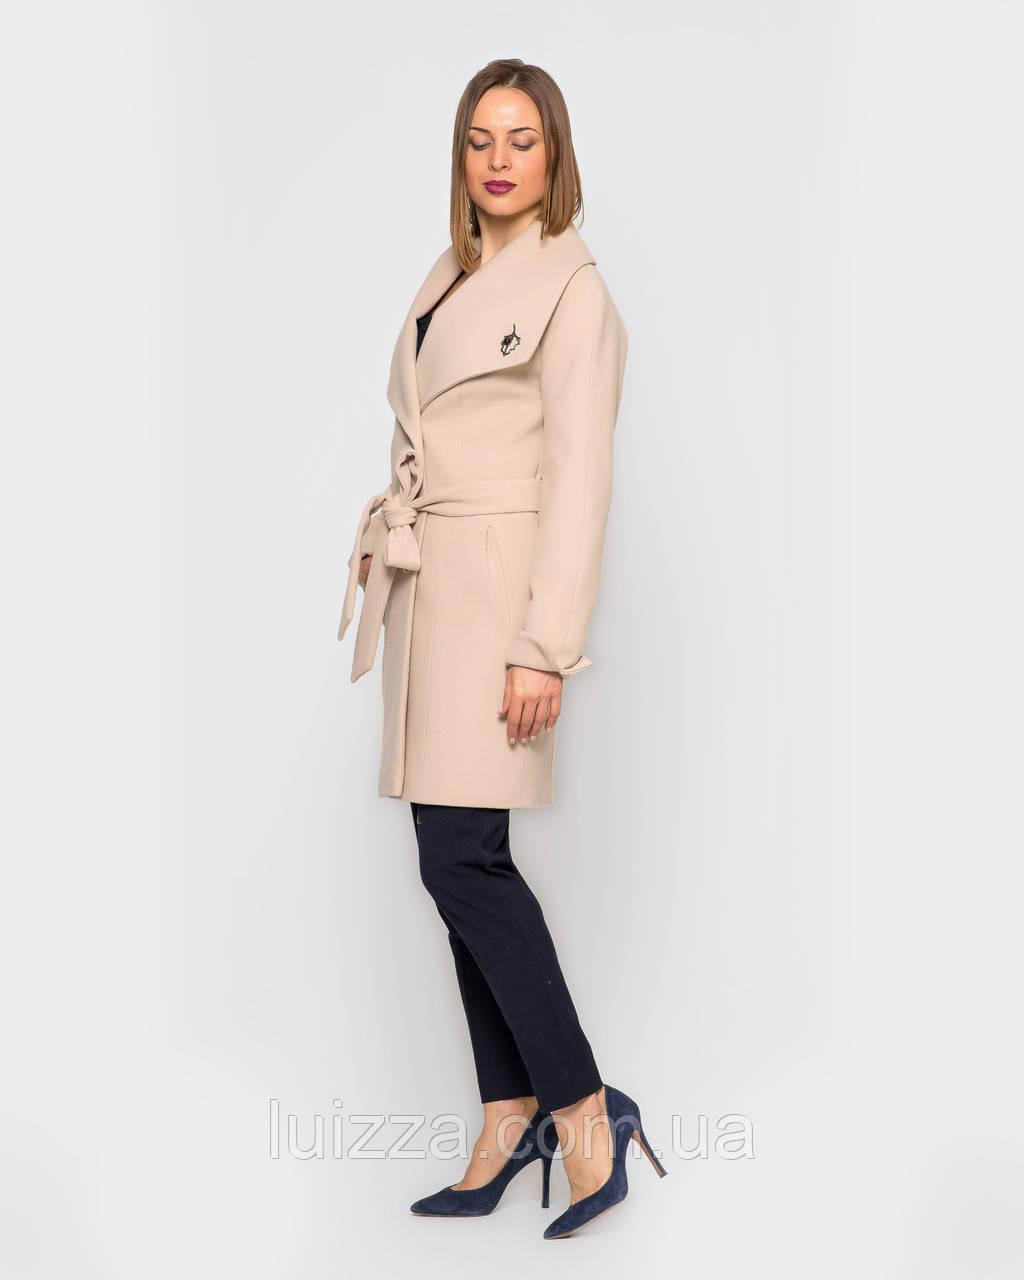 Женское пальто Леди, на пояске 42 -52 рр беж 46